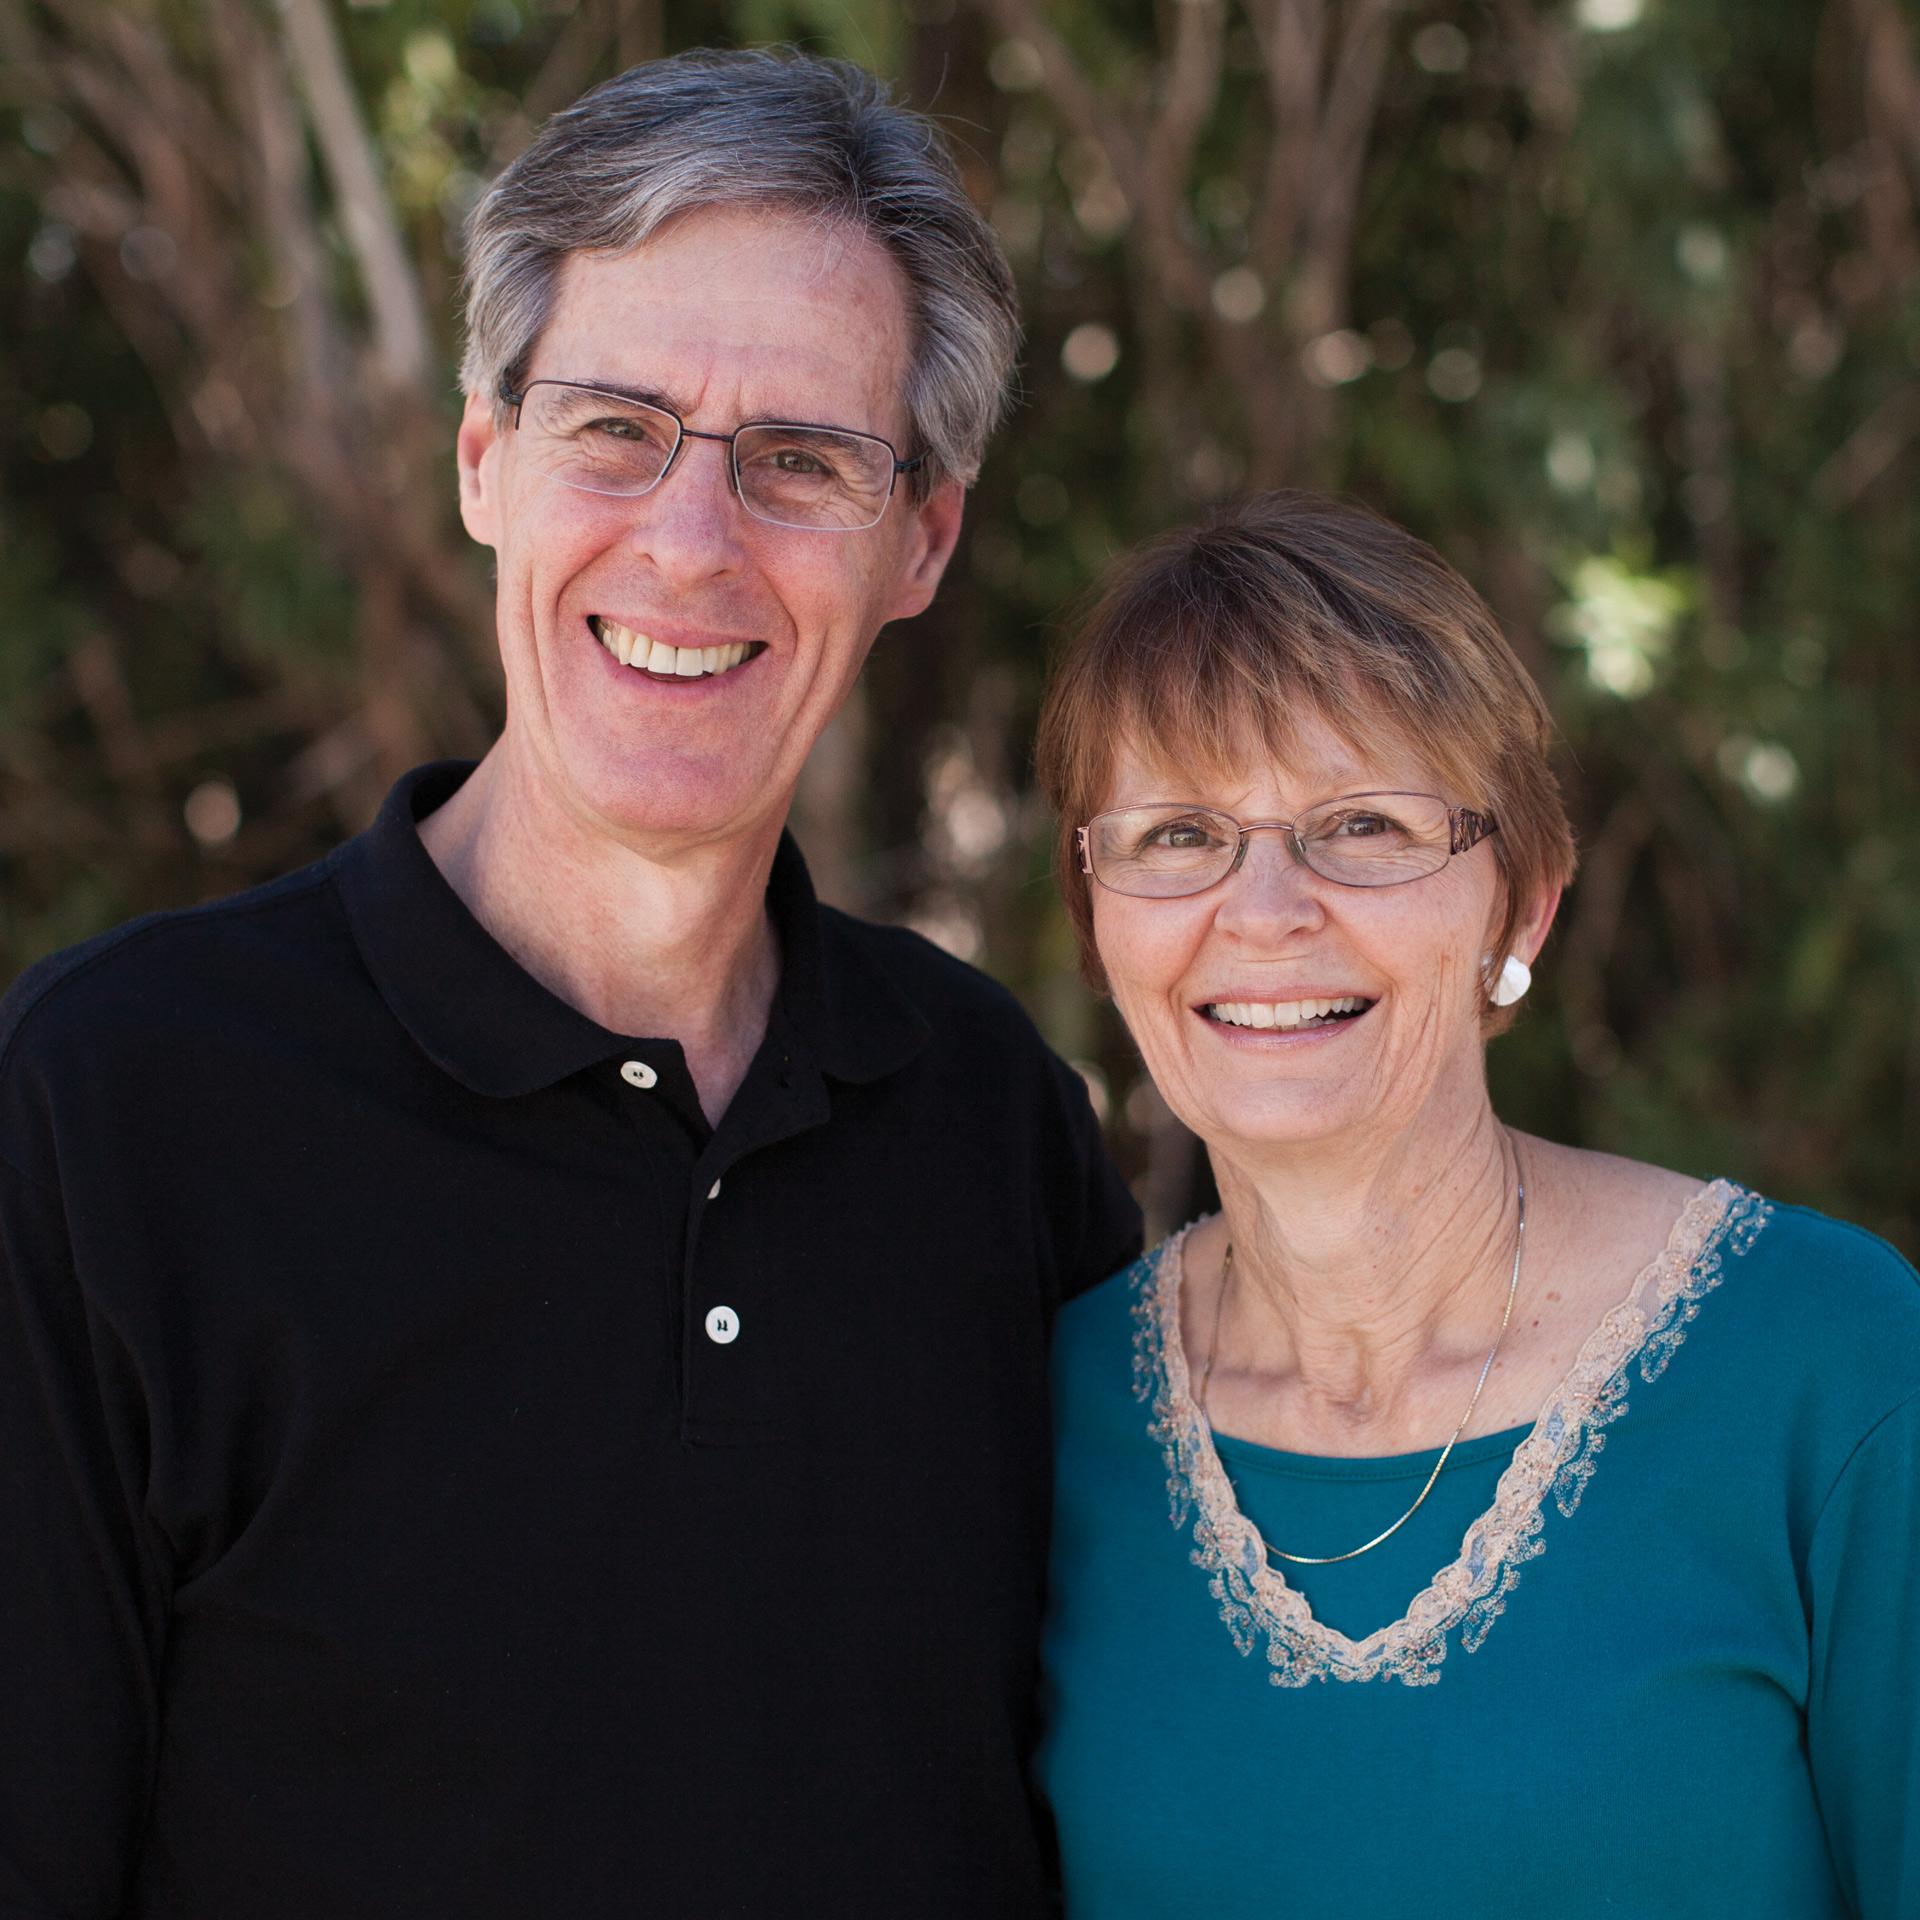 Dr. Wilf & Arlene Meeds